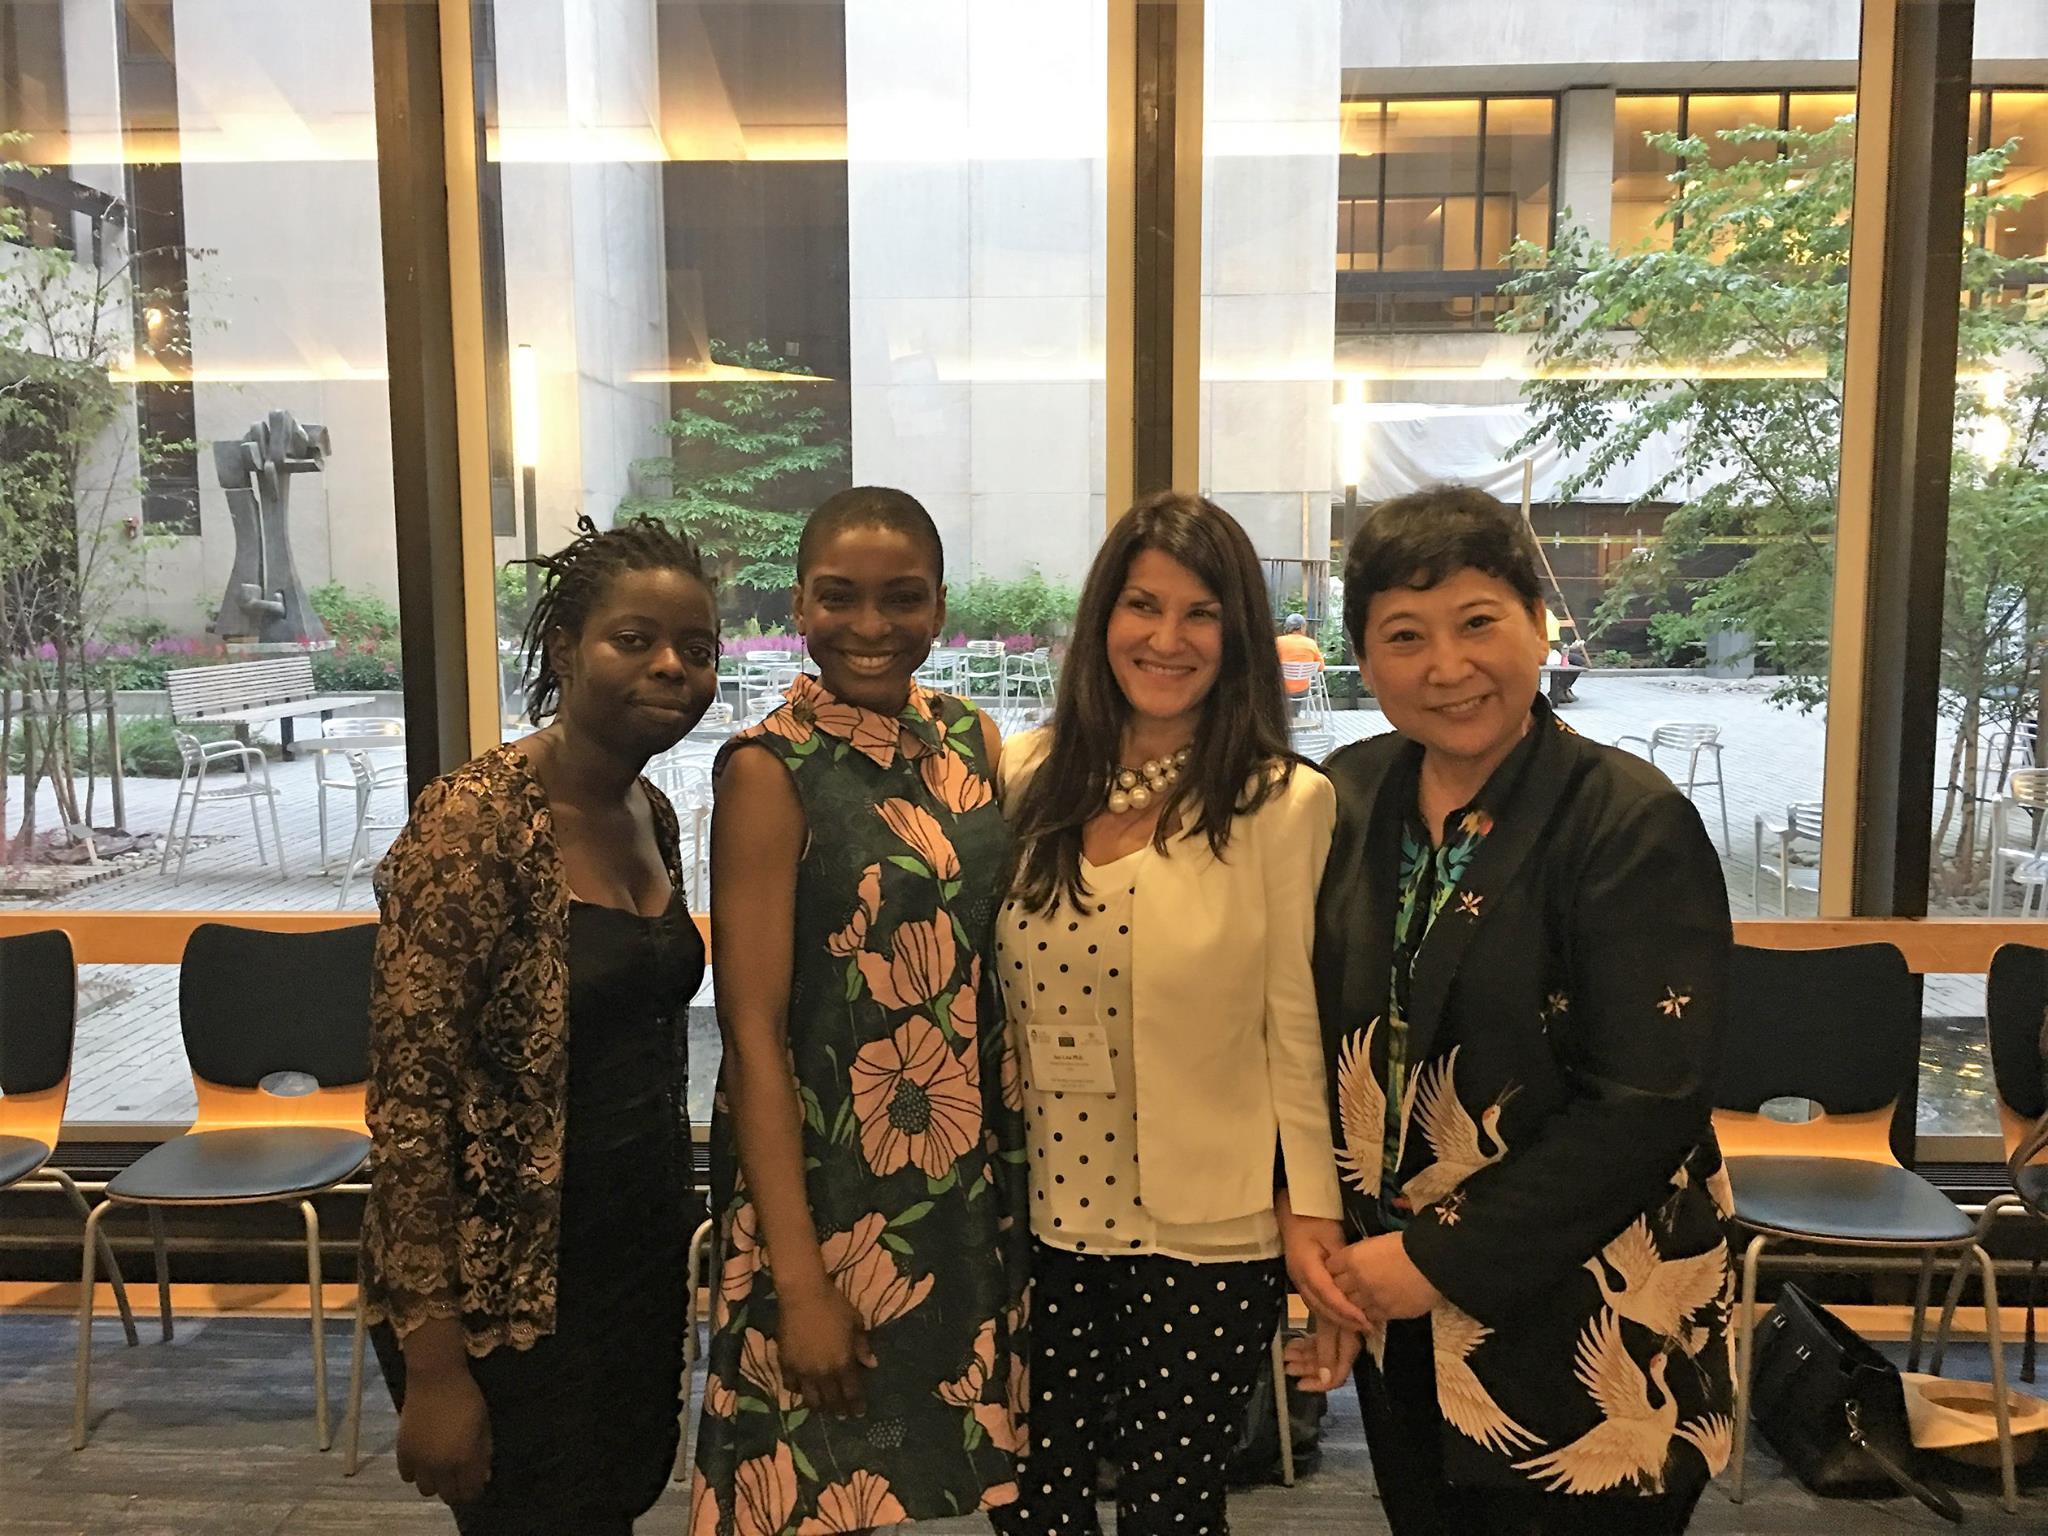 From left to right: Termaine Chizikani, Vivian Gasu, Dr. Ana Lita, Di Xiao, MD